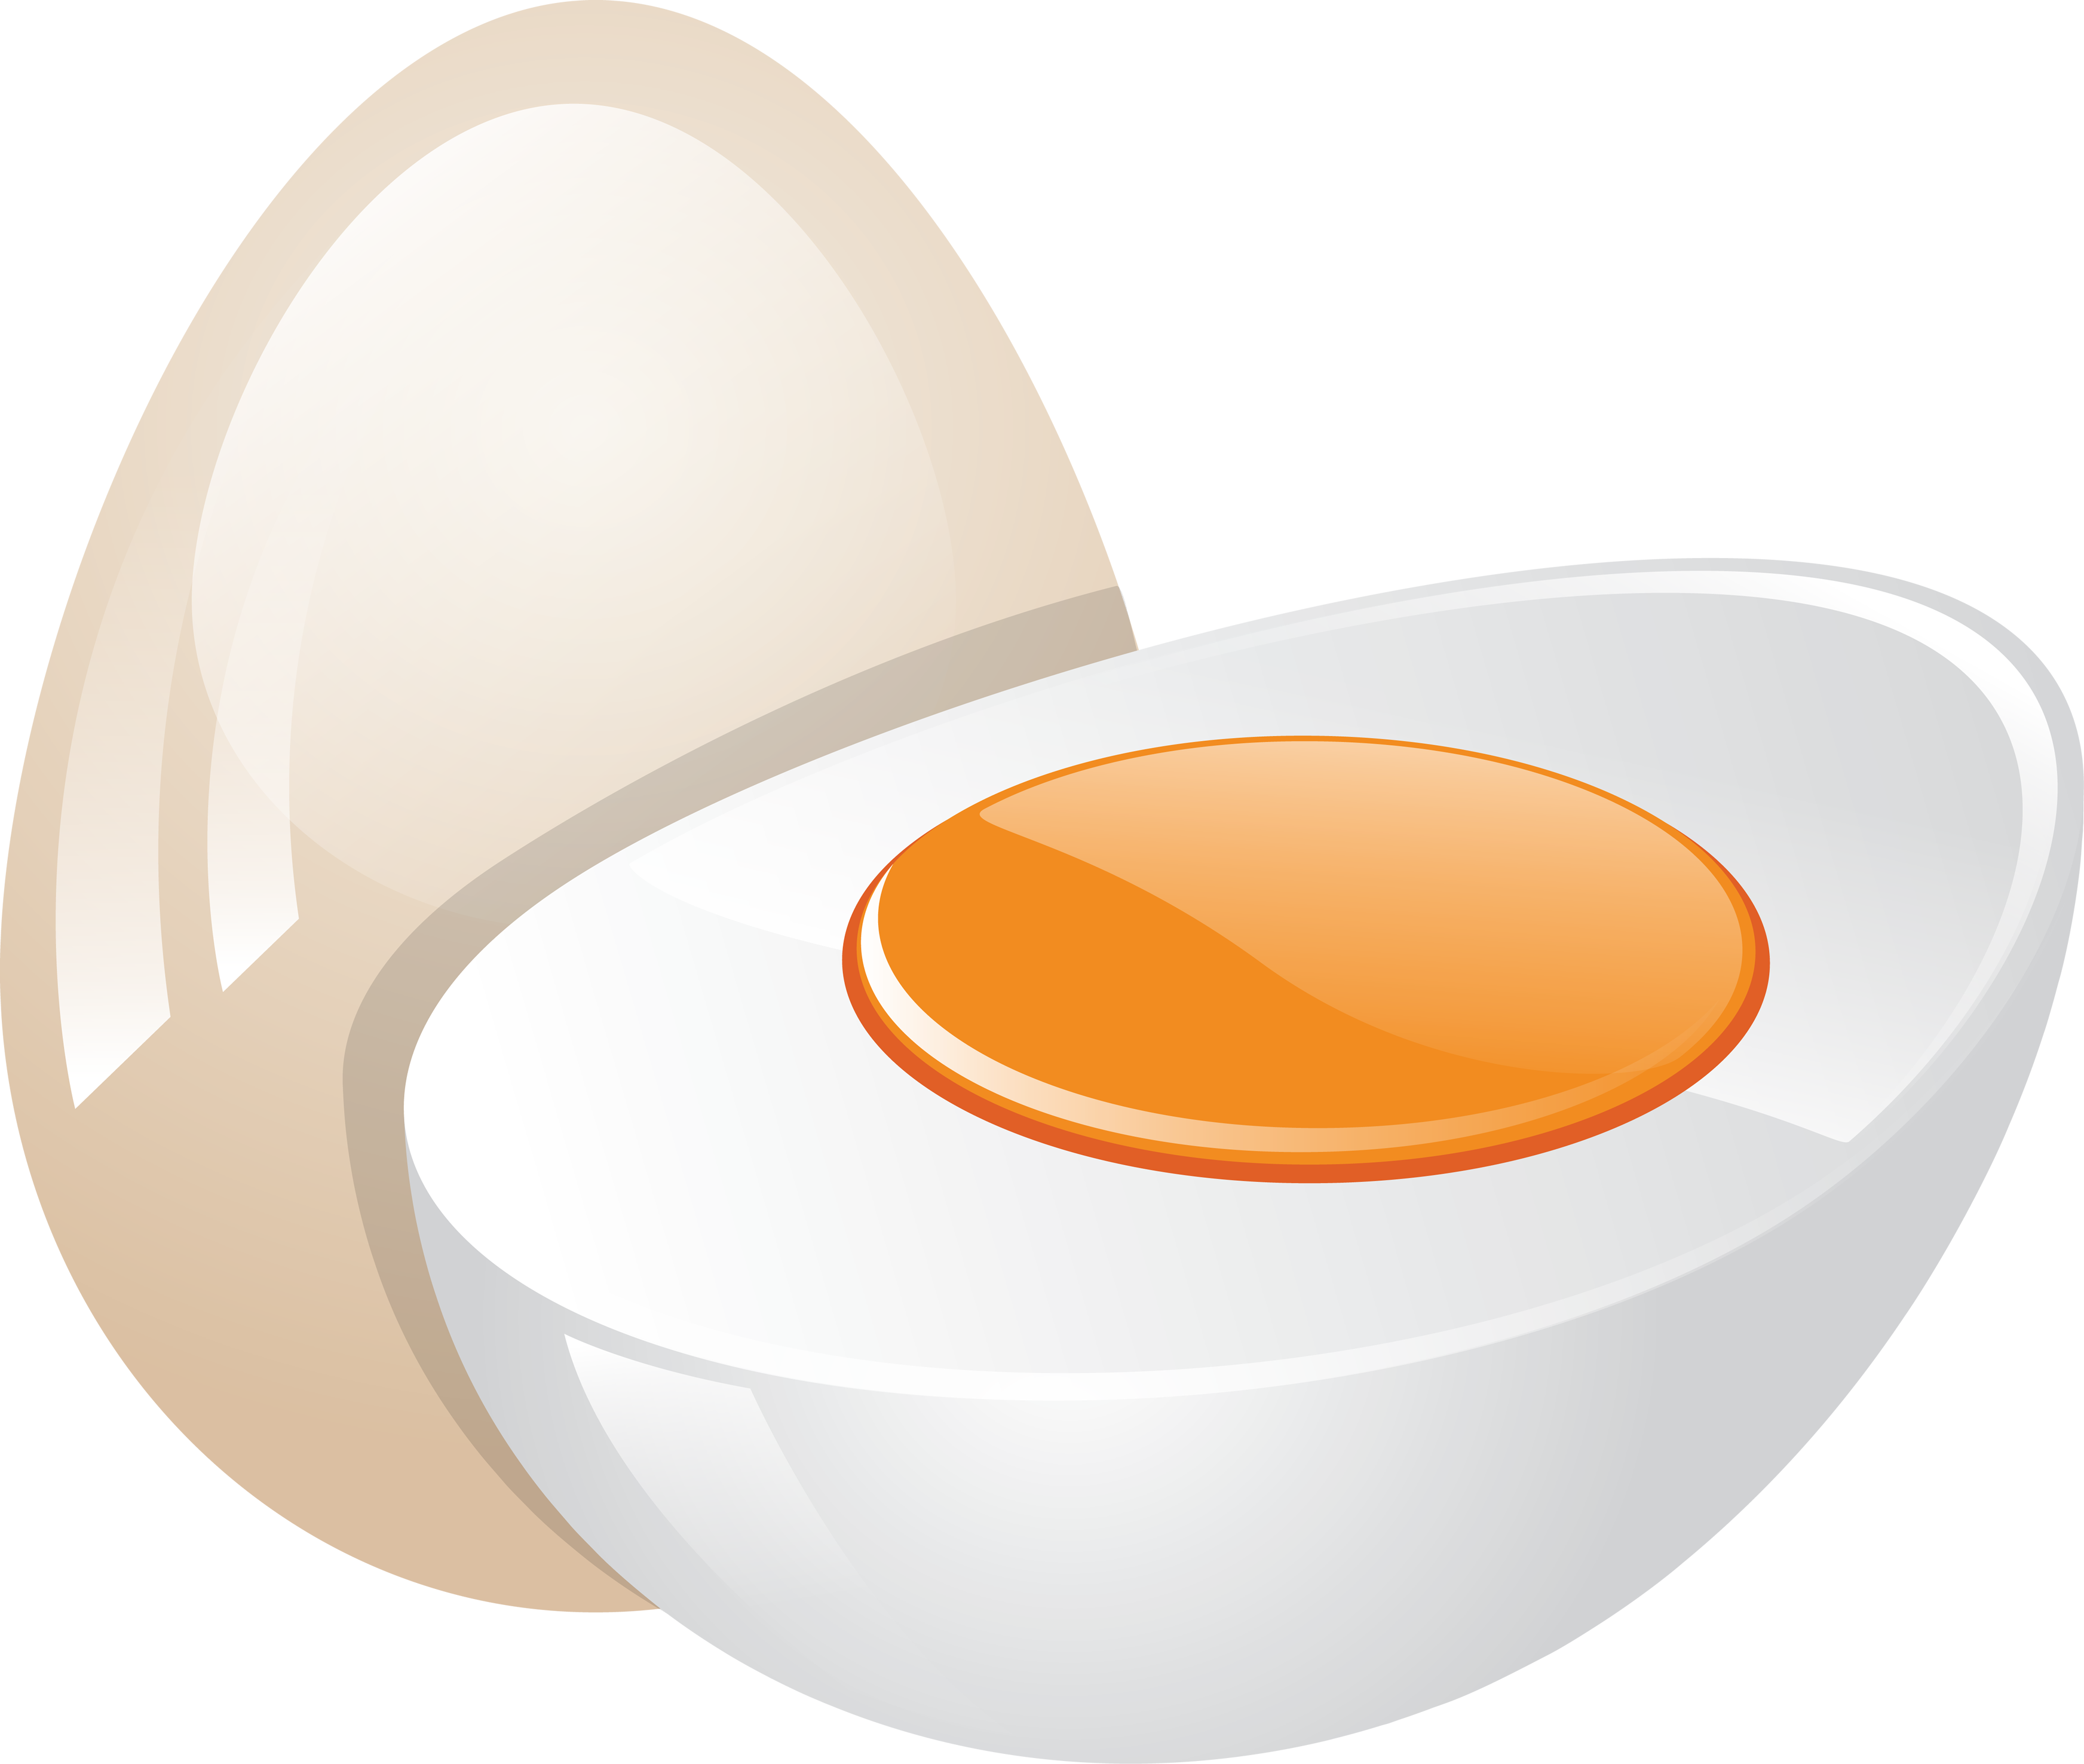 Egg PNG image - Egg PNG